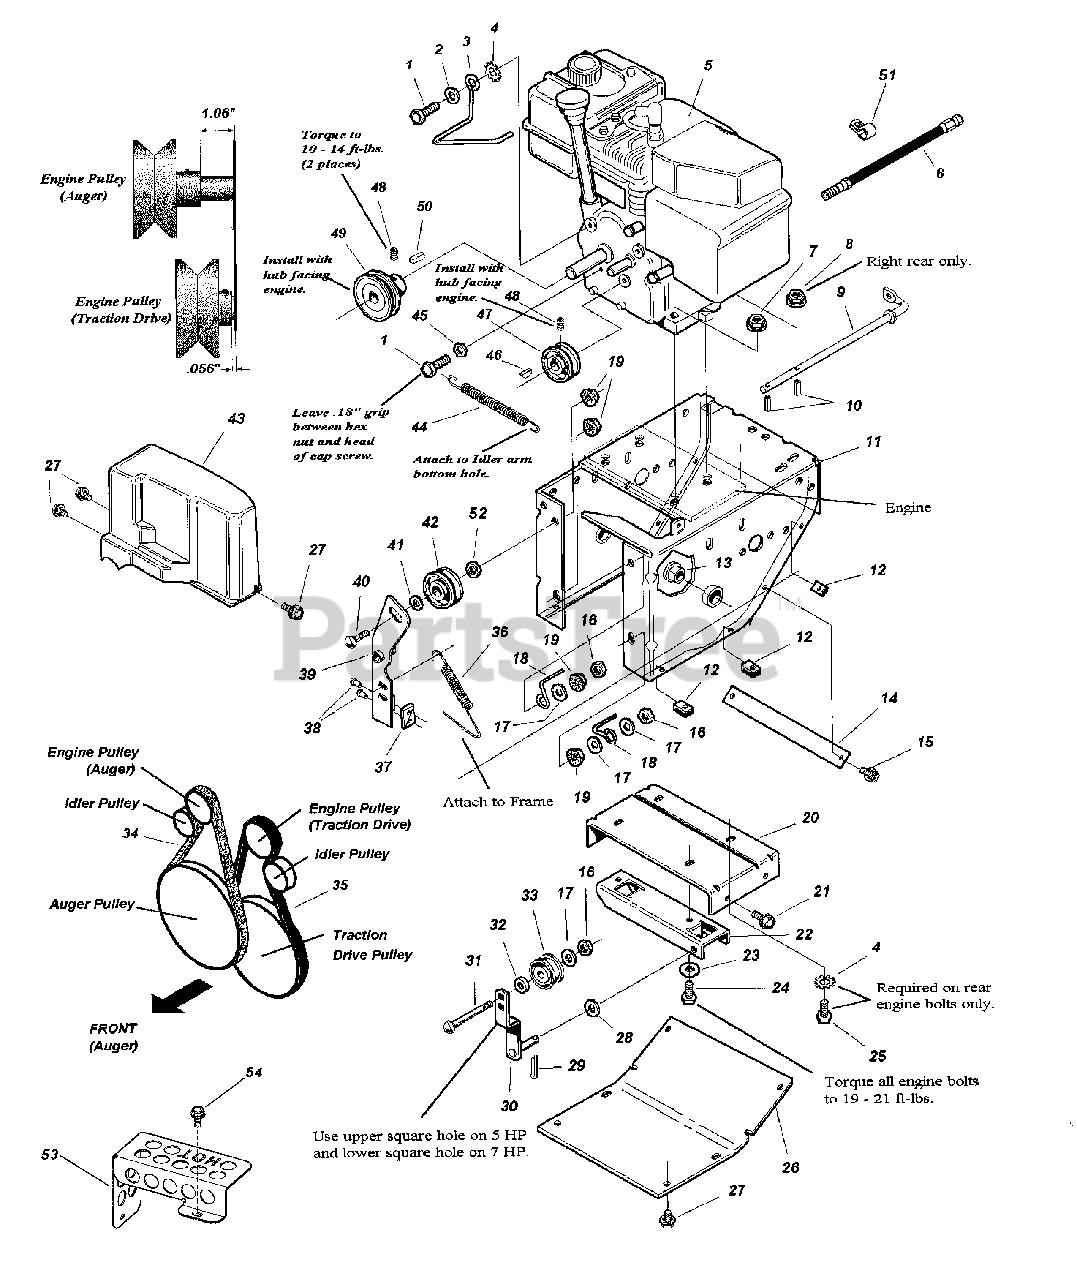 [DIAGRAM] Simplicity 1694587 Diagram FULL Version HD